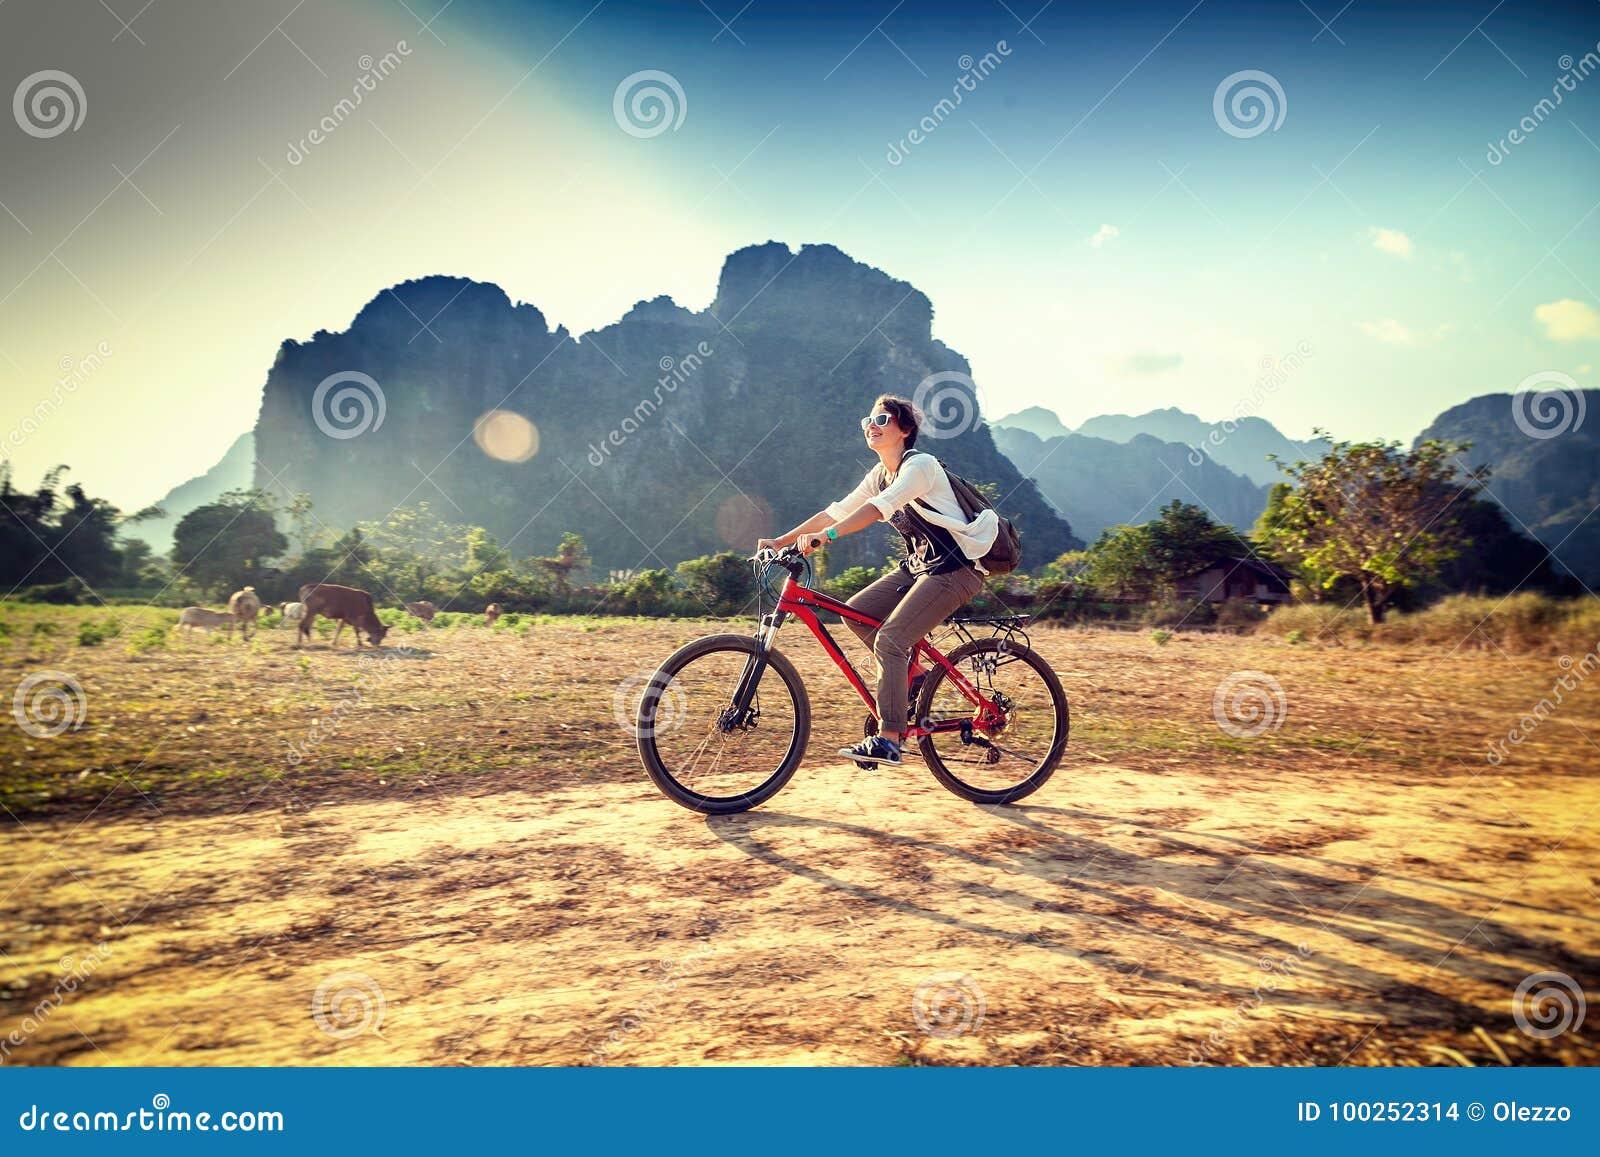 Ευτυχής γυναίκα τουριστών που οδηγά ένα ποδήλατο στην περιοχή βουνών στο Λάος Τ